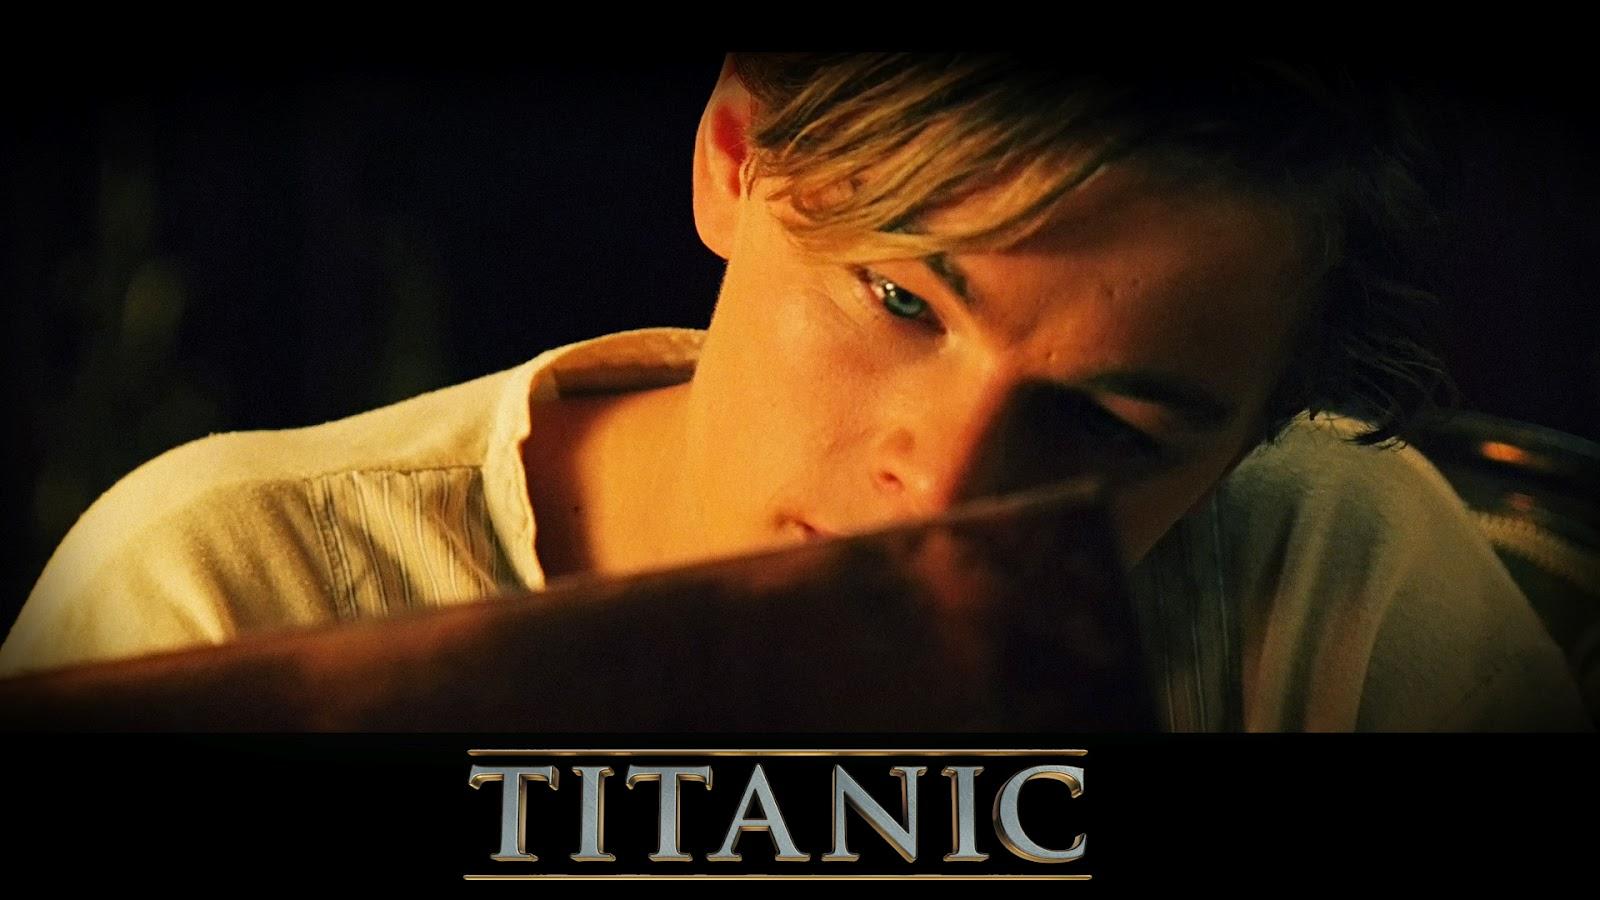 http://2.bp.blogspot.com/-w1qCd3NWLBg/T1m4t5S3bkI/AAAAAAAAD_0/cAsB02pa37Q/s1600/Titanic-Latest-HD-Wallpapers-Sex-Romance-True-Love-3D%20(6).jpg